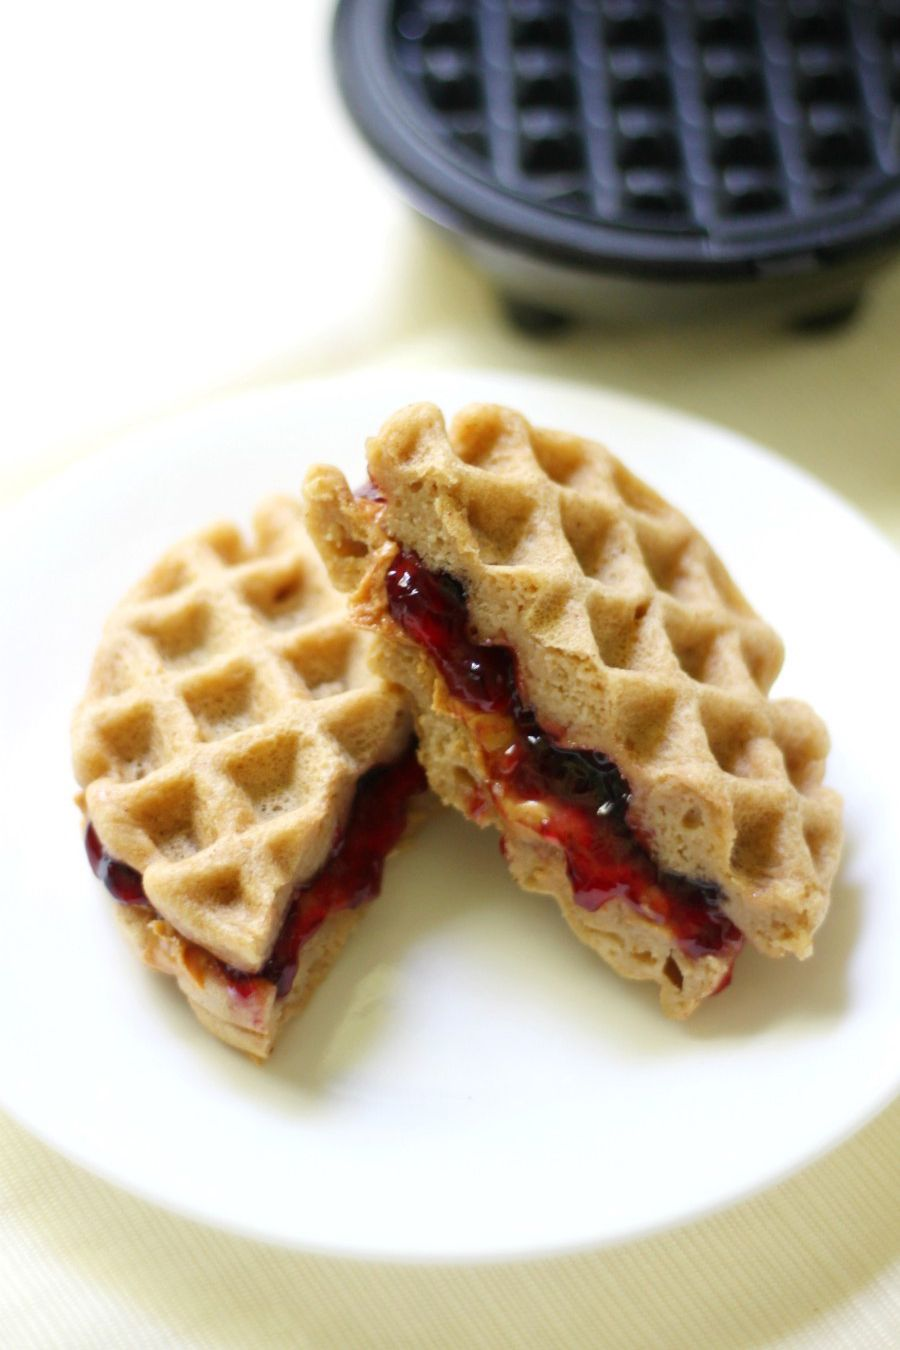 Mini Peanut Butter & Jelly Waffle Sandwiches Kid-Friendly Breakfast Recipe